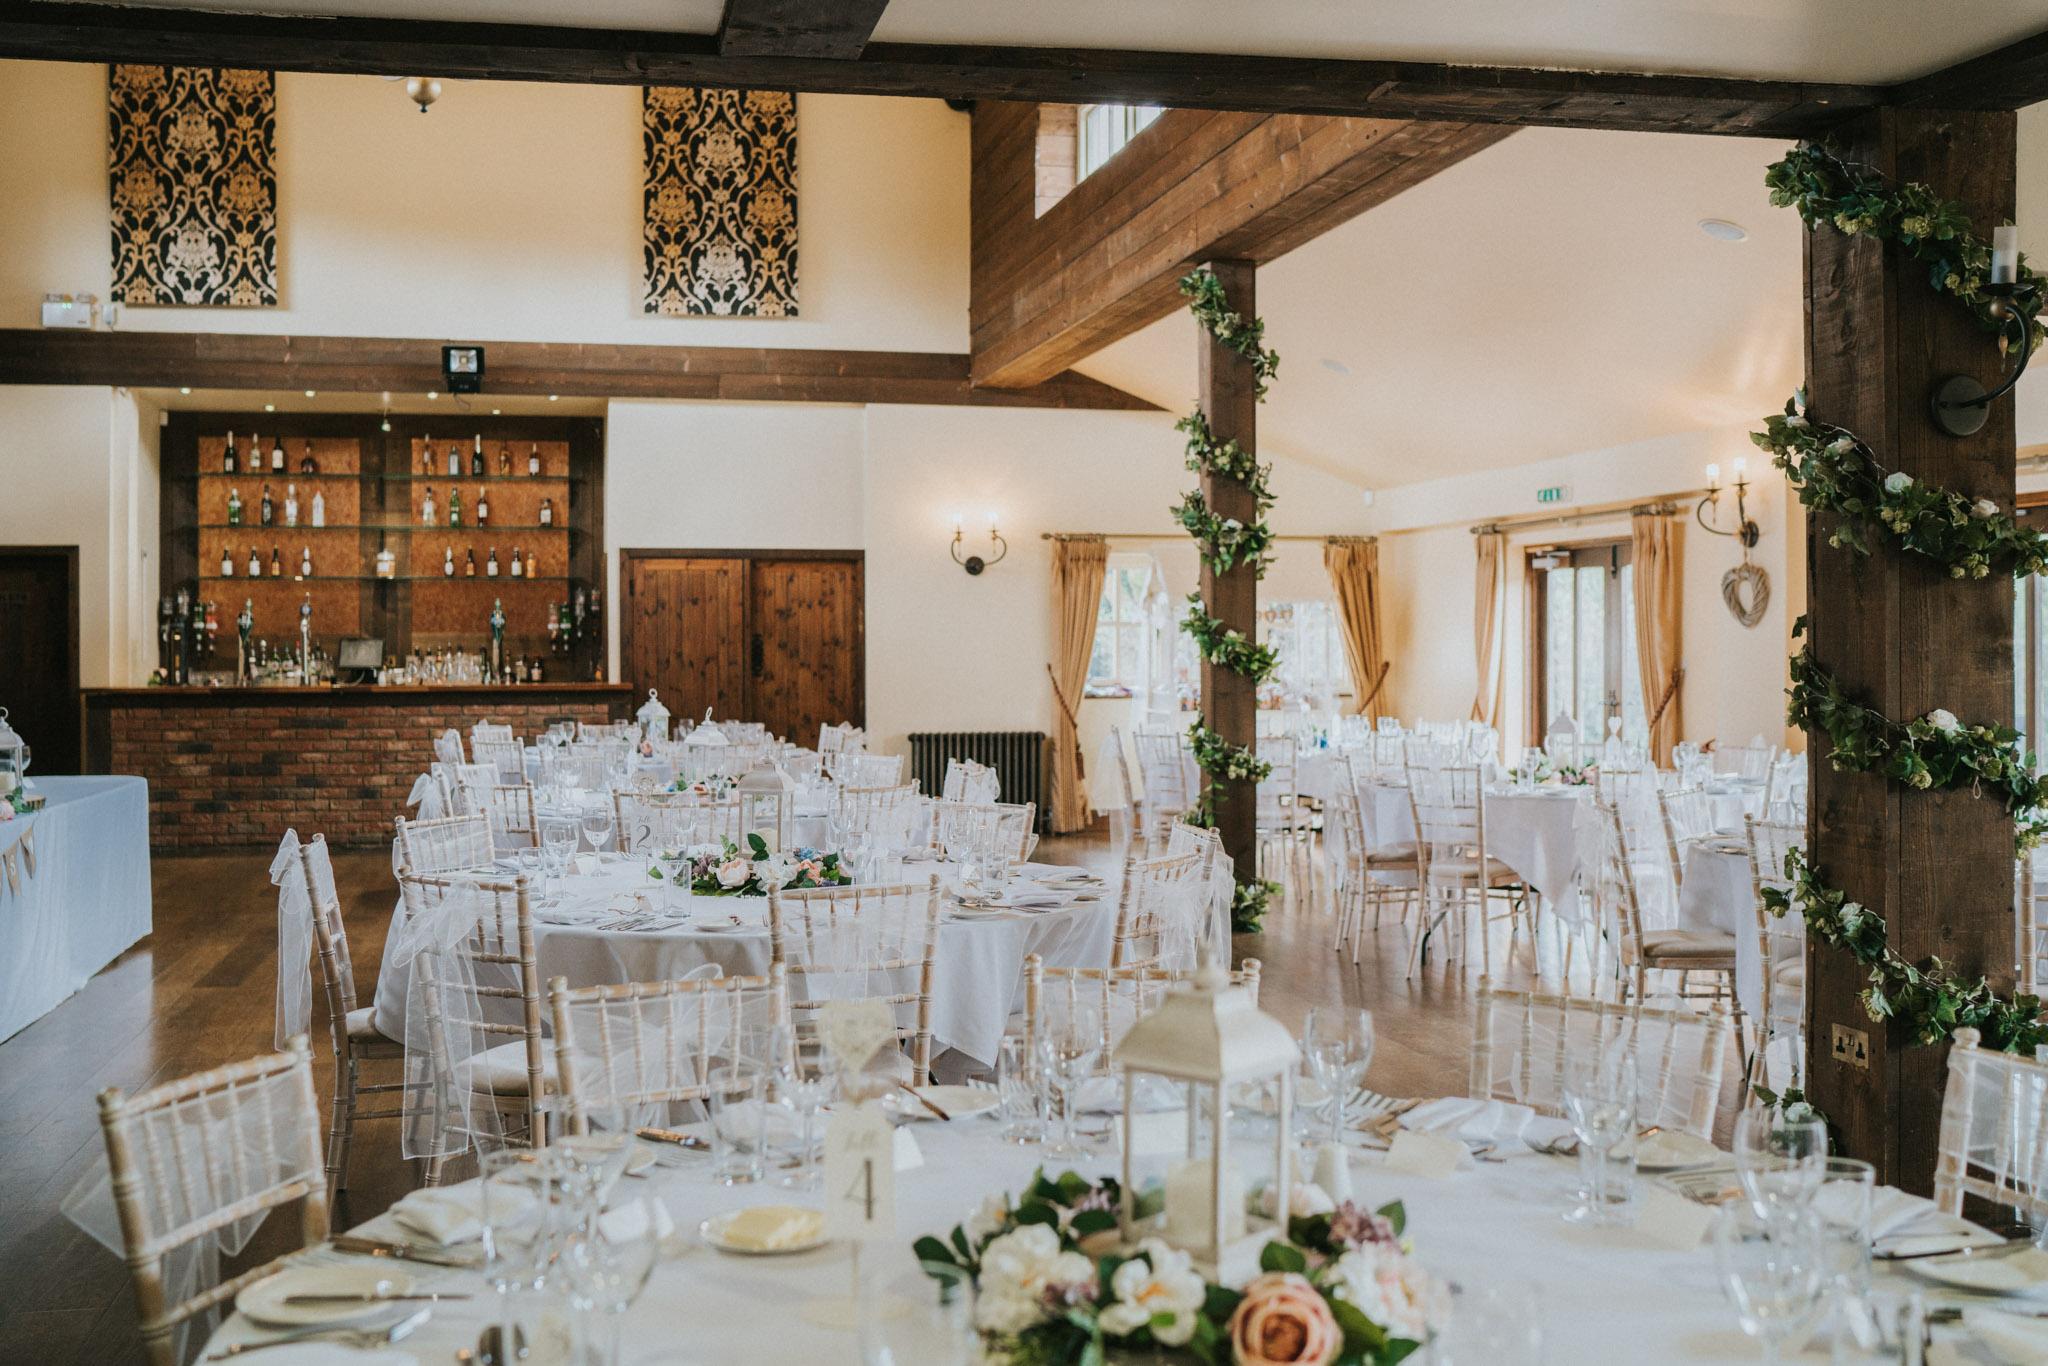 Sarah-Paul-Essex-Barn-Wedding-Previews-Grace-Elizabeth-Essex-Alternative-Wedding-Photographer-Colchester-Essex-Suffolk-Norfolk-Devon (7 of 32).jpg